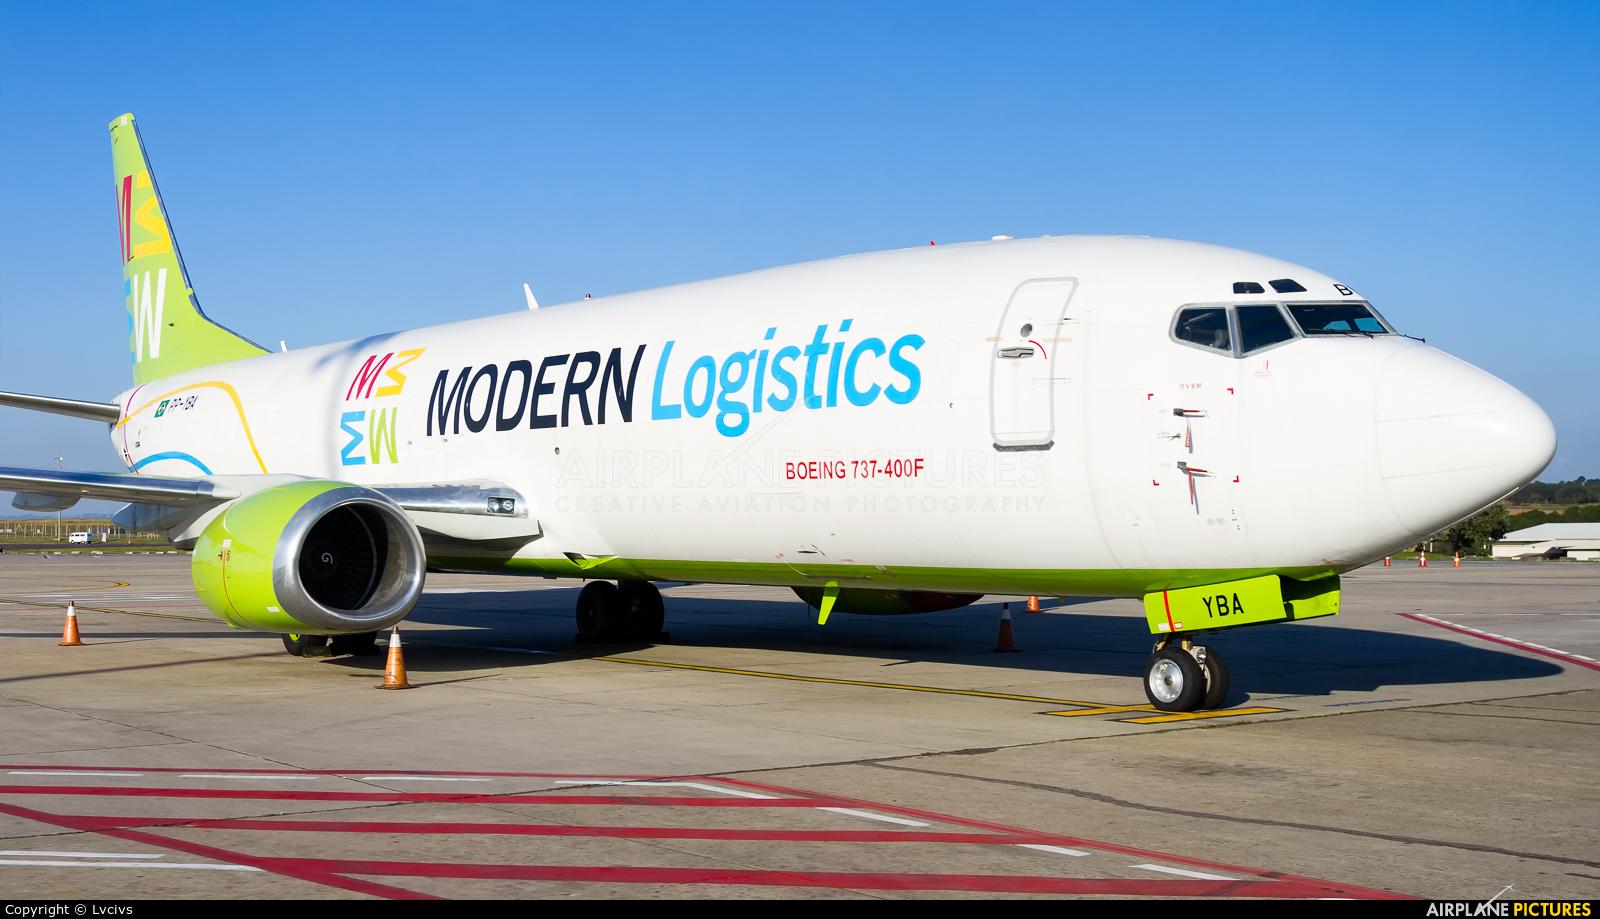 Resultado de imagem para boeing 737-400 cargo modern logistics